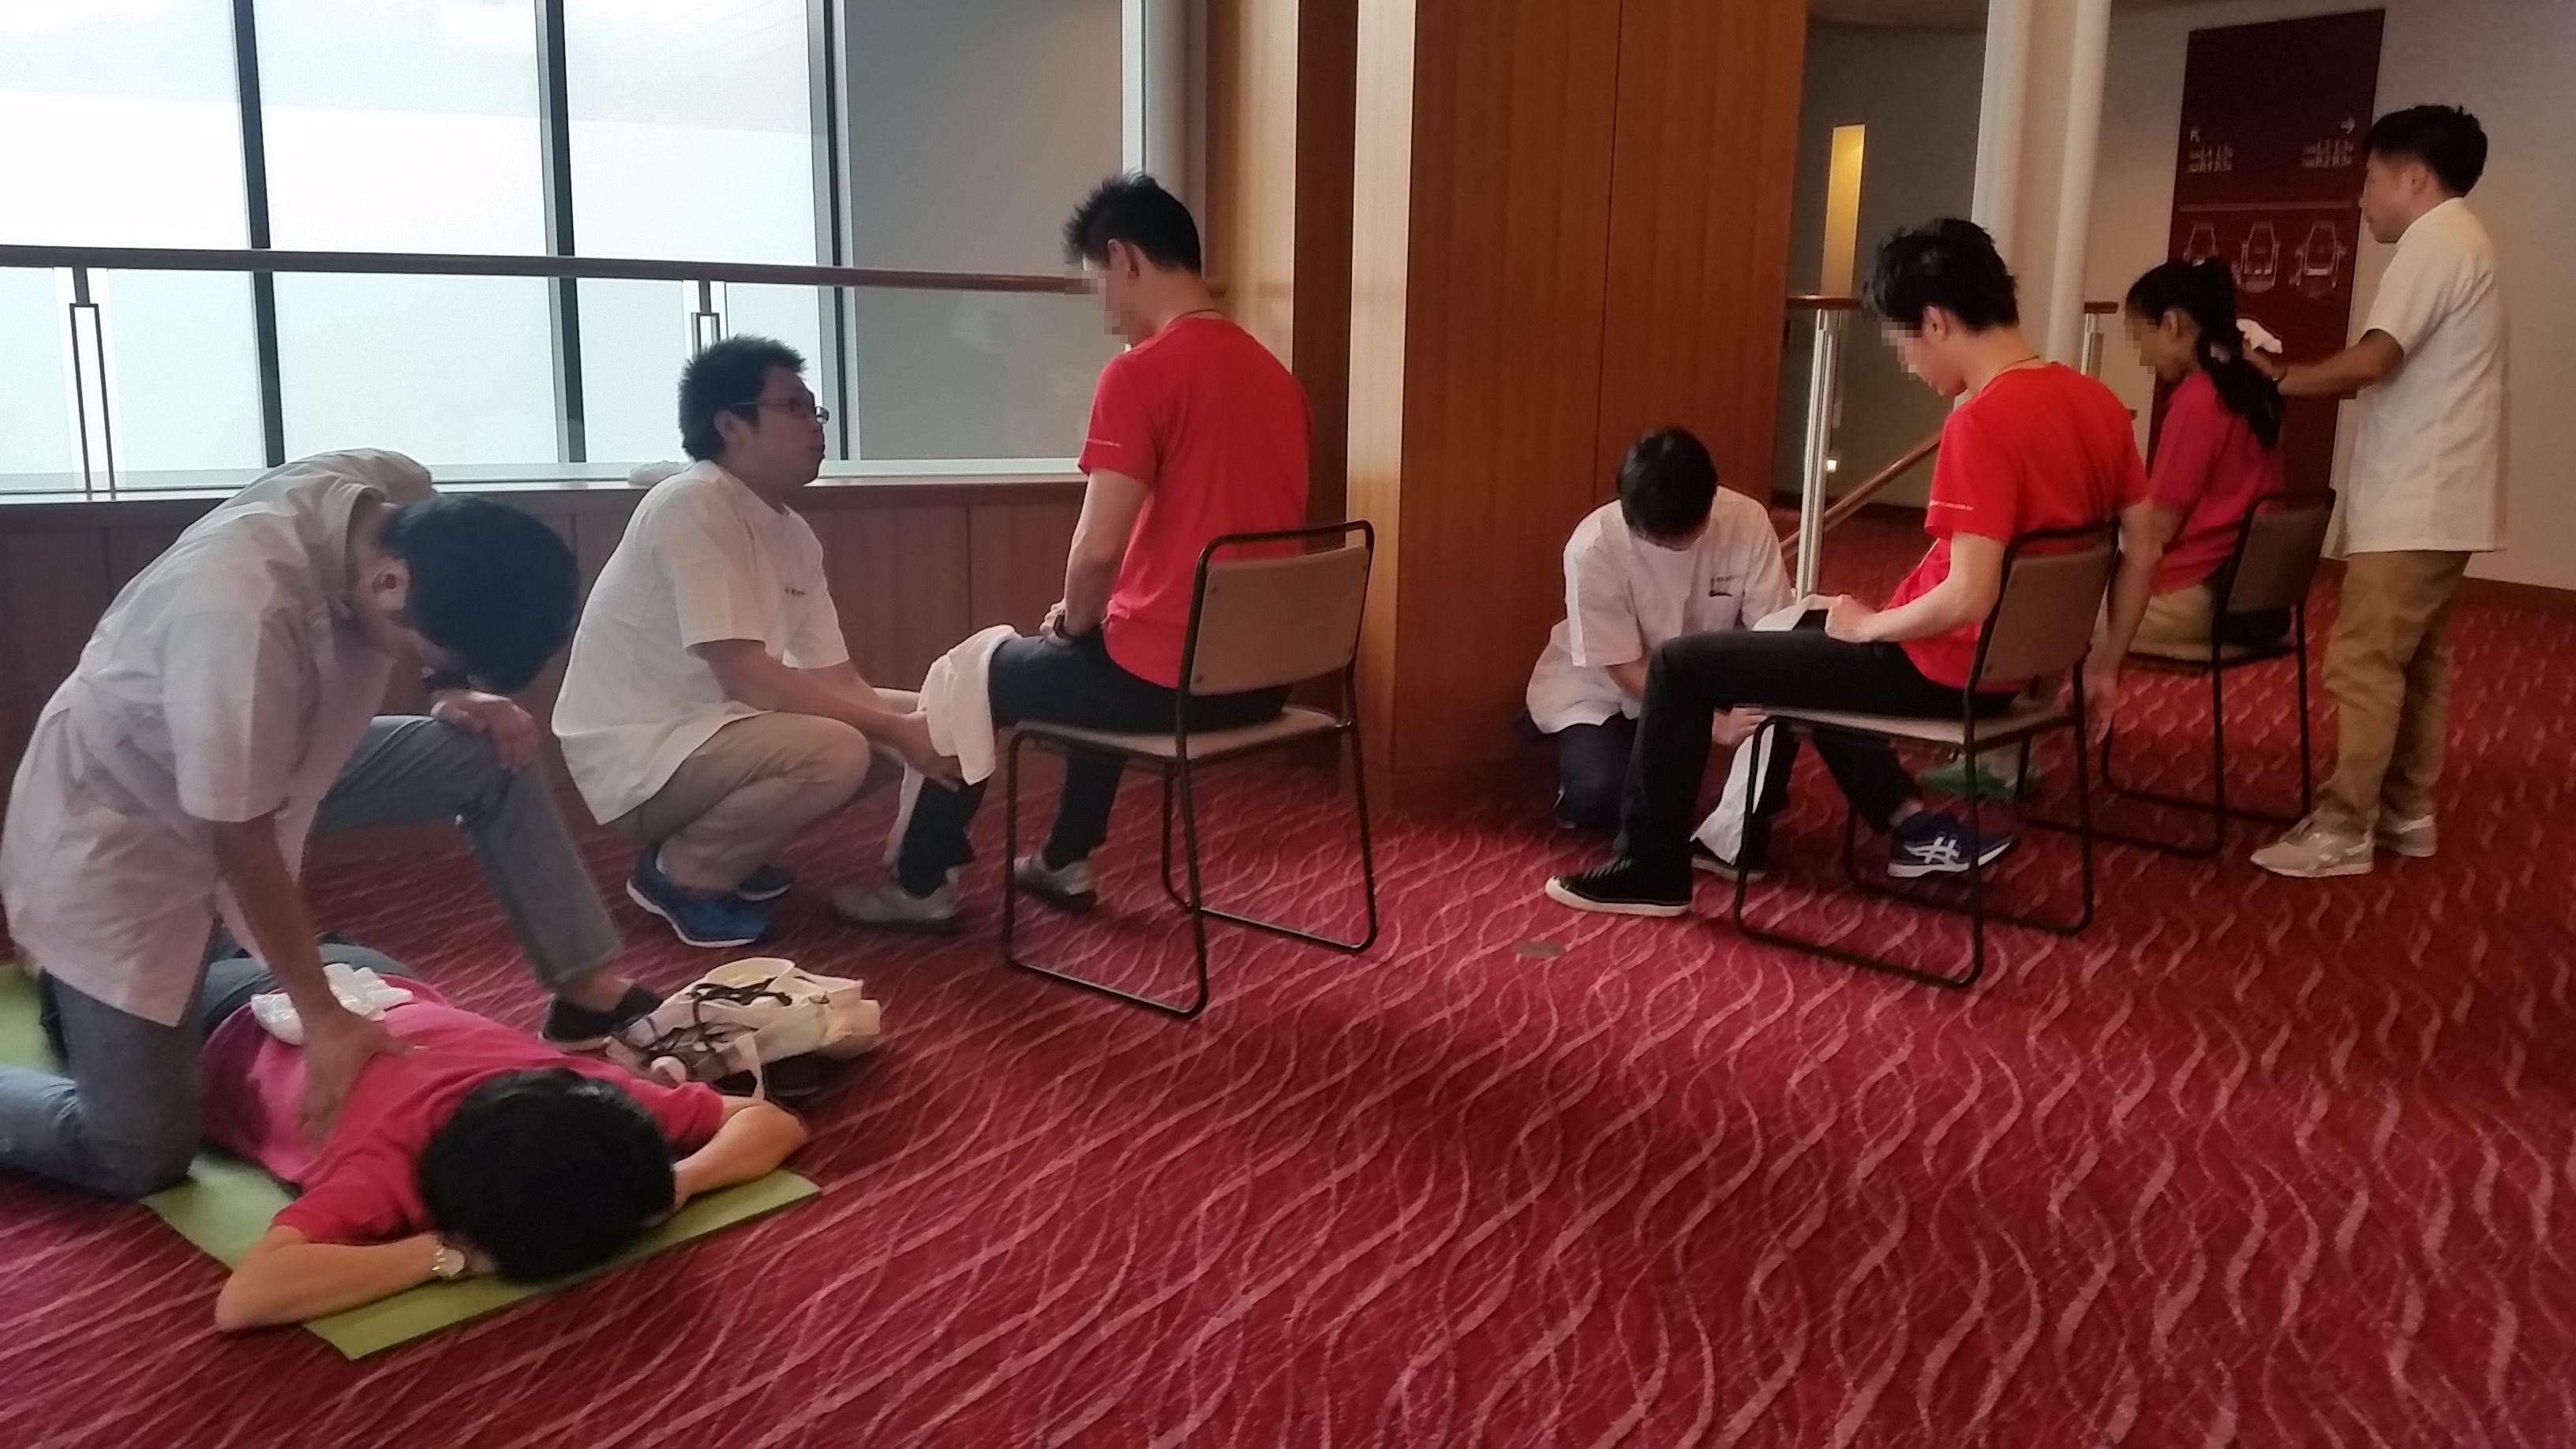 全国肢体不自由特別支援学校PTA連合会総会にてボランティアマッサージ/東京在宅サービス